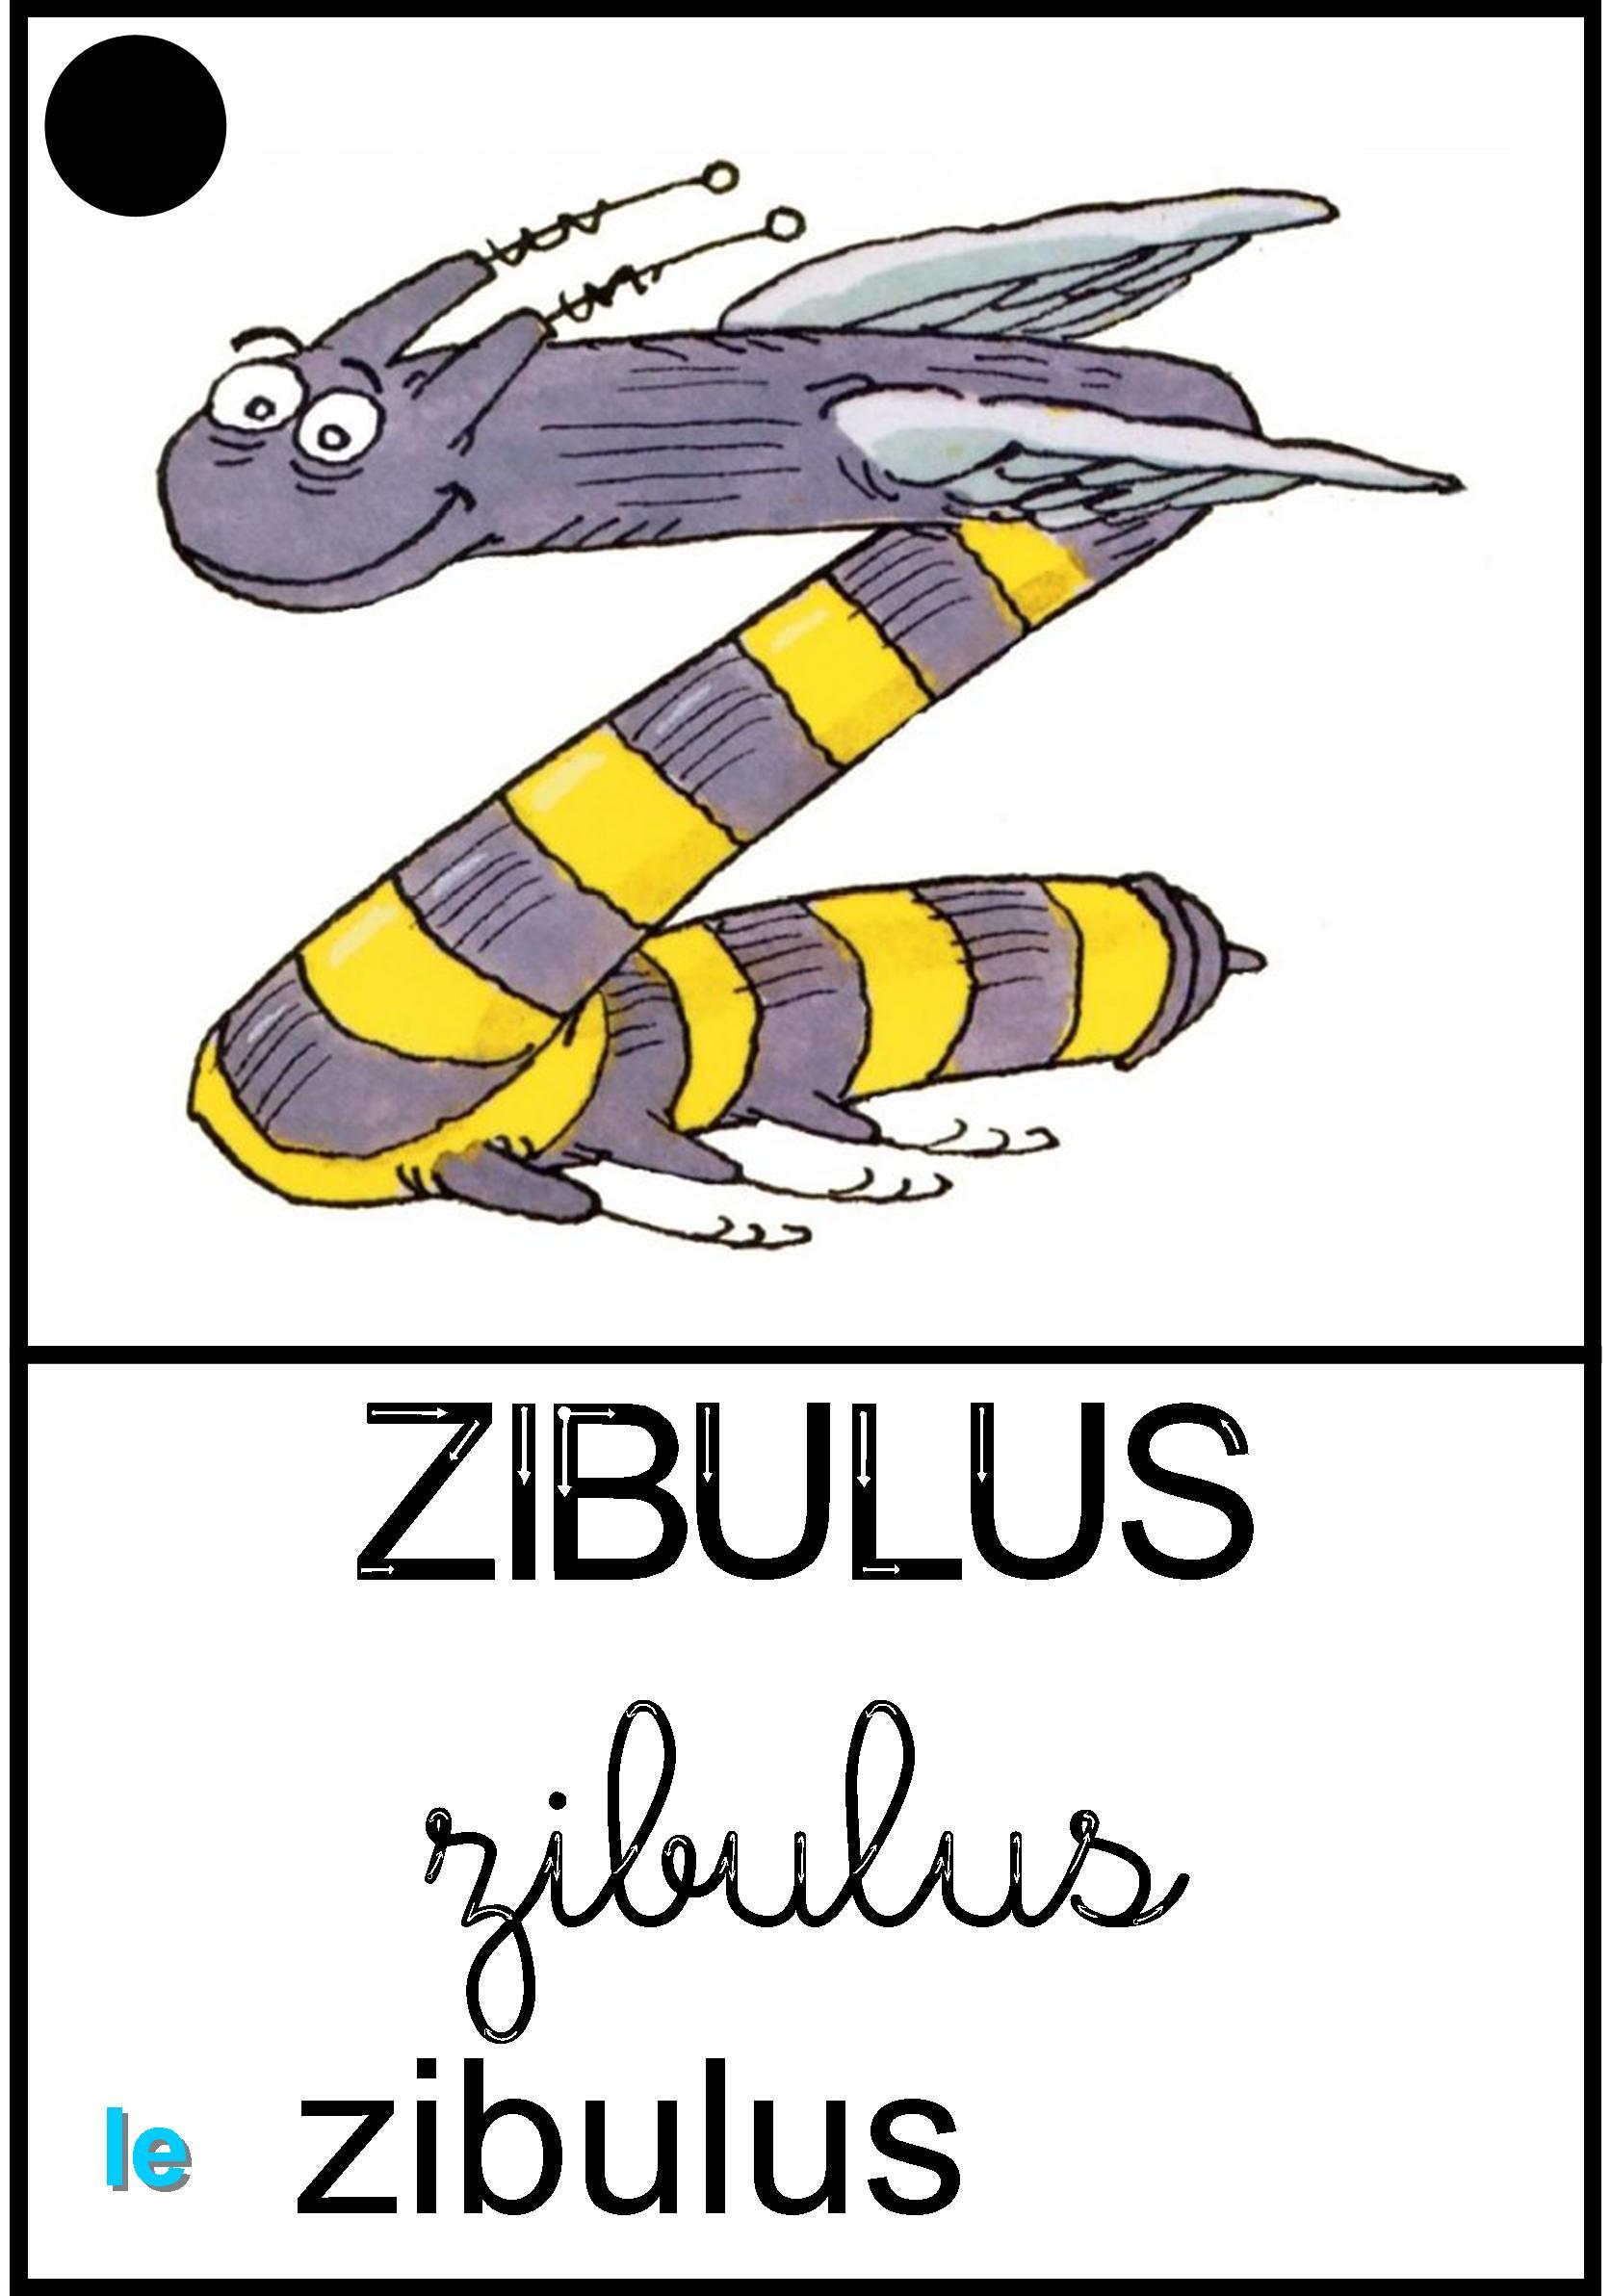 Affichage Le zibulus